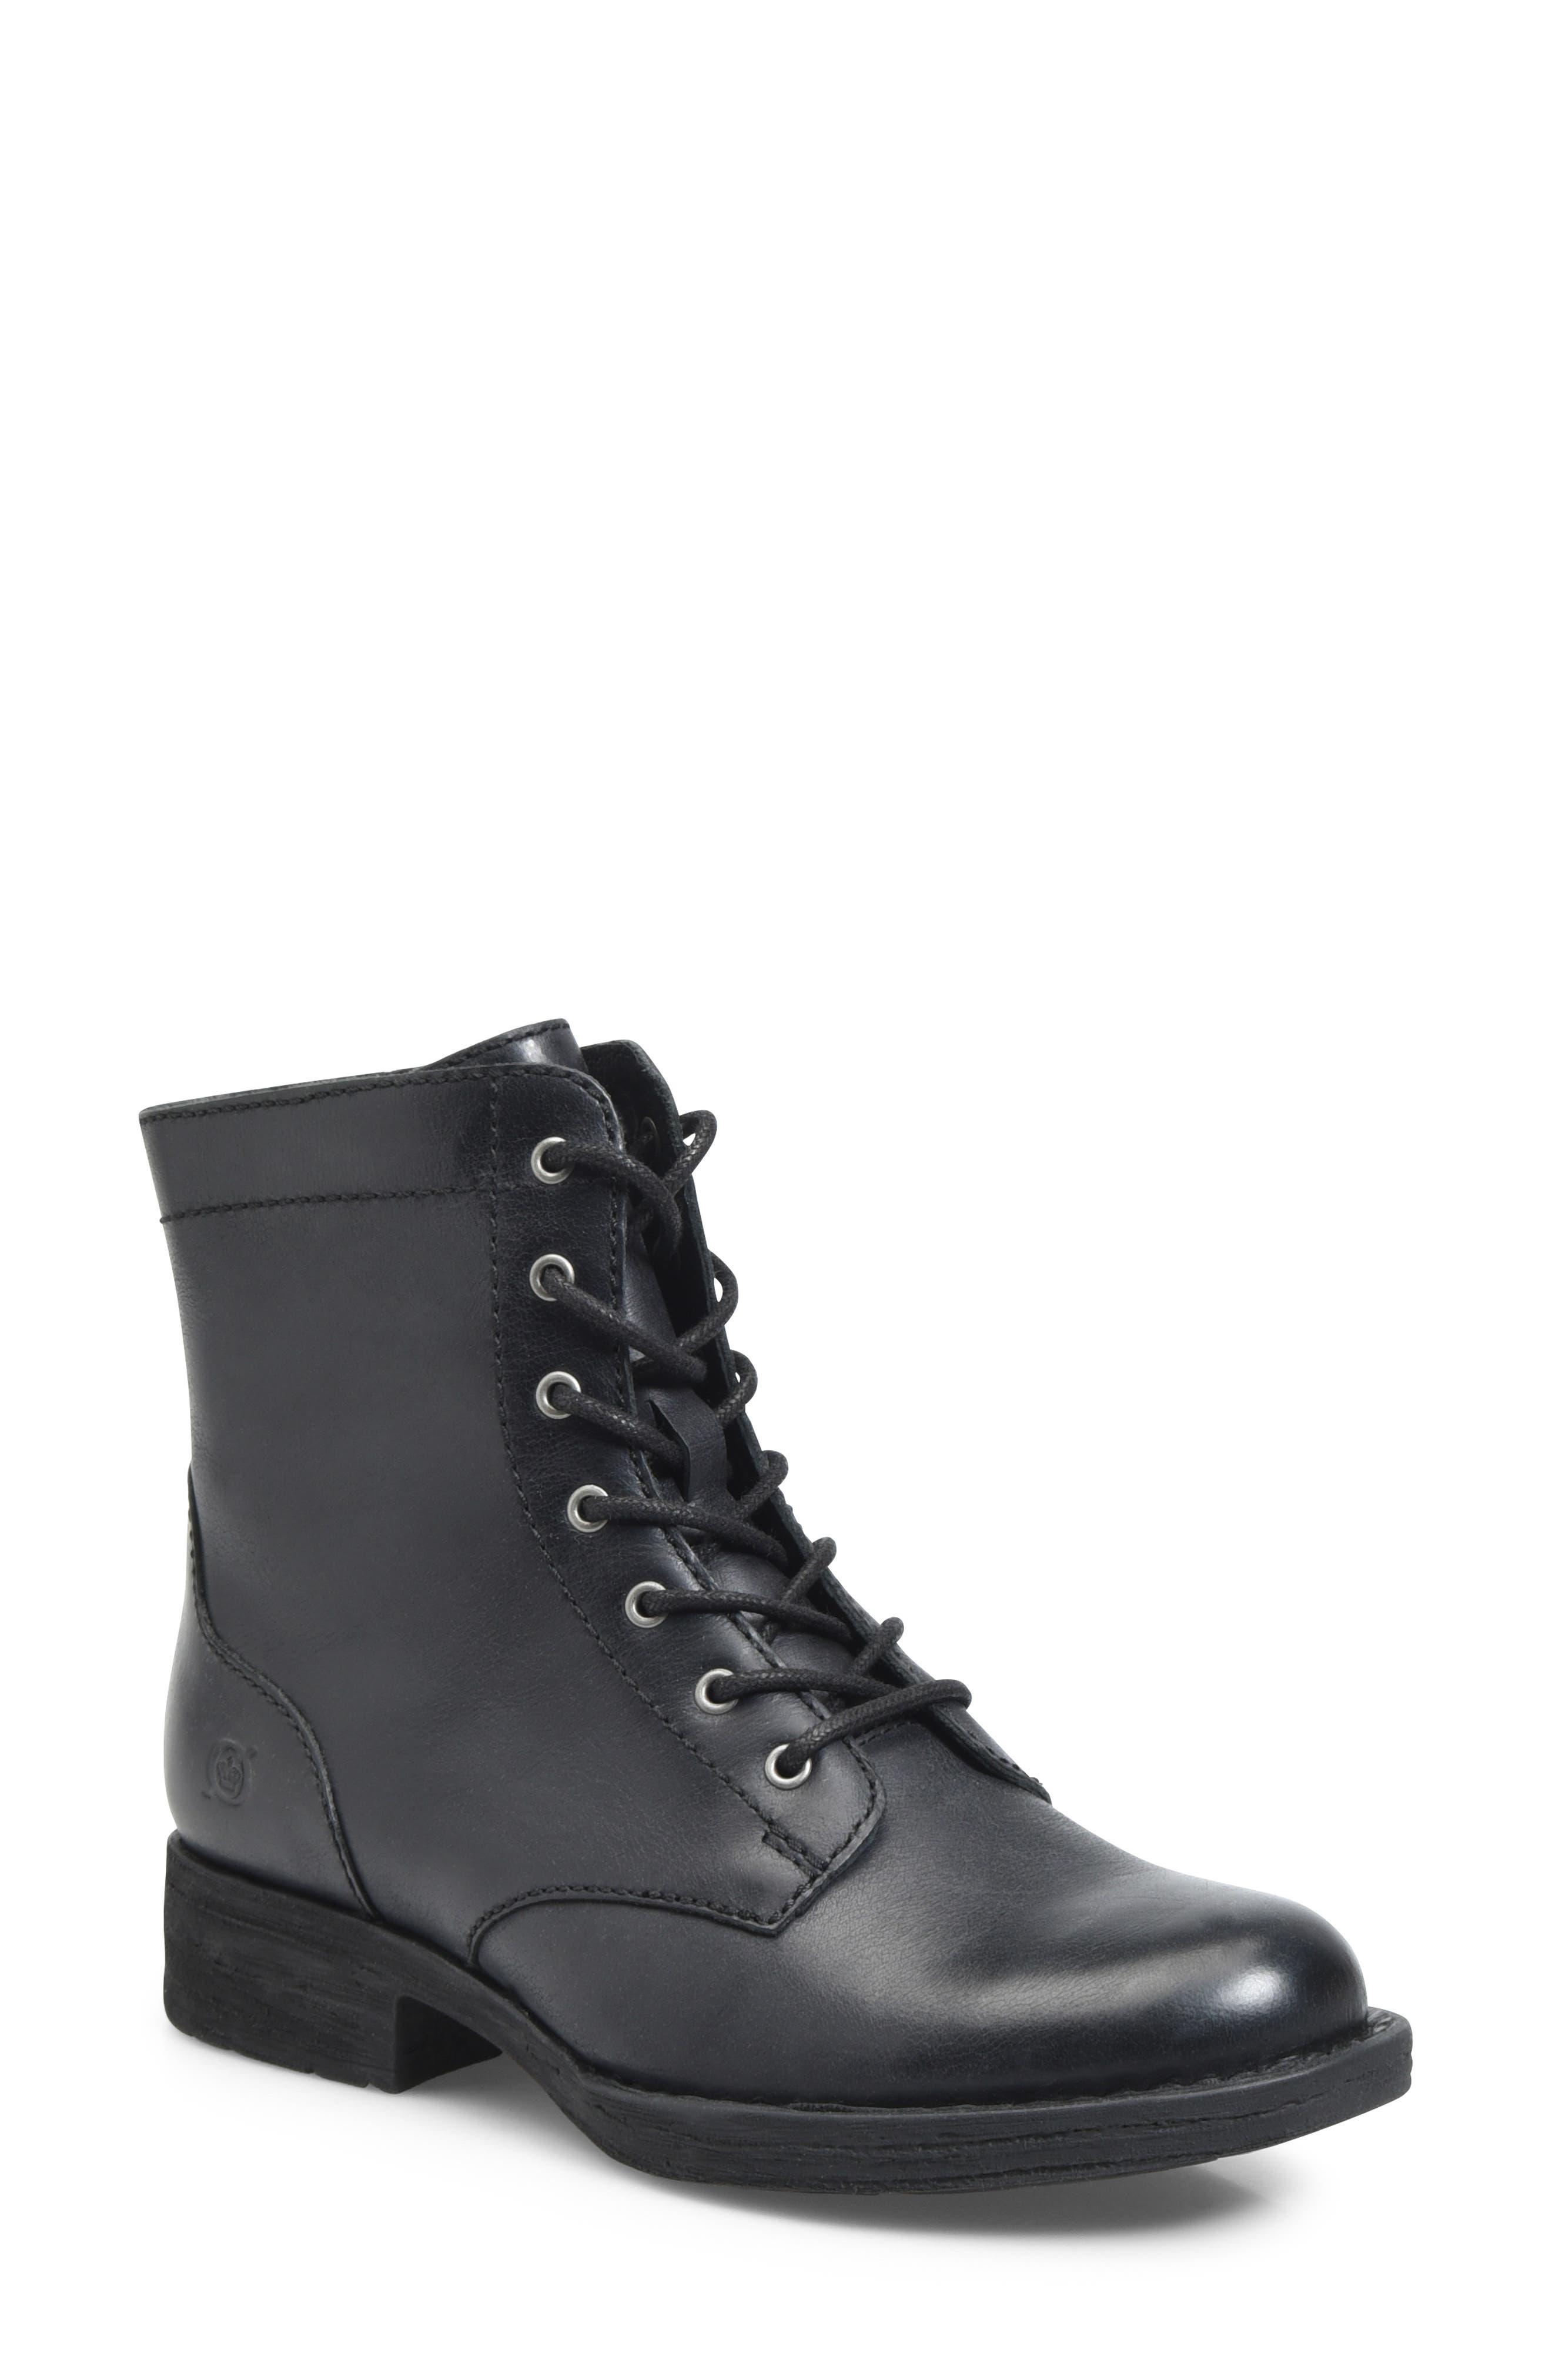 BØRN Evans Boot, Main, color, 001